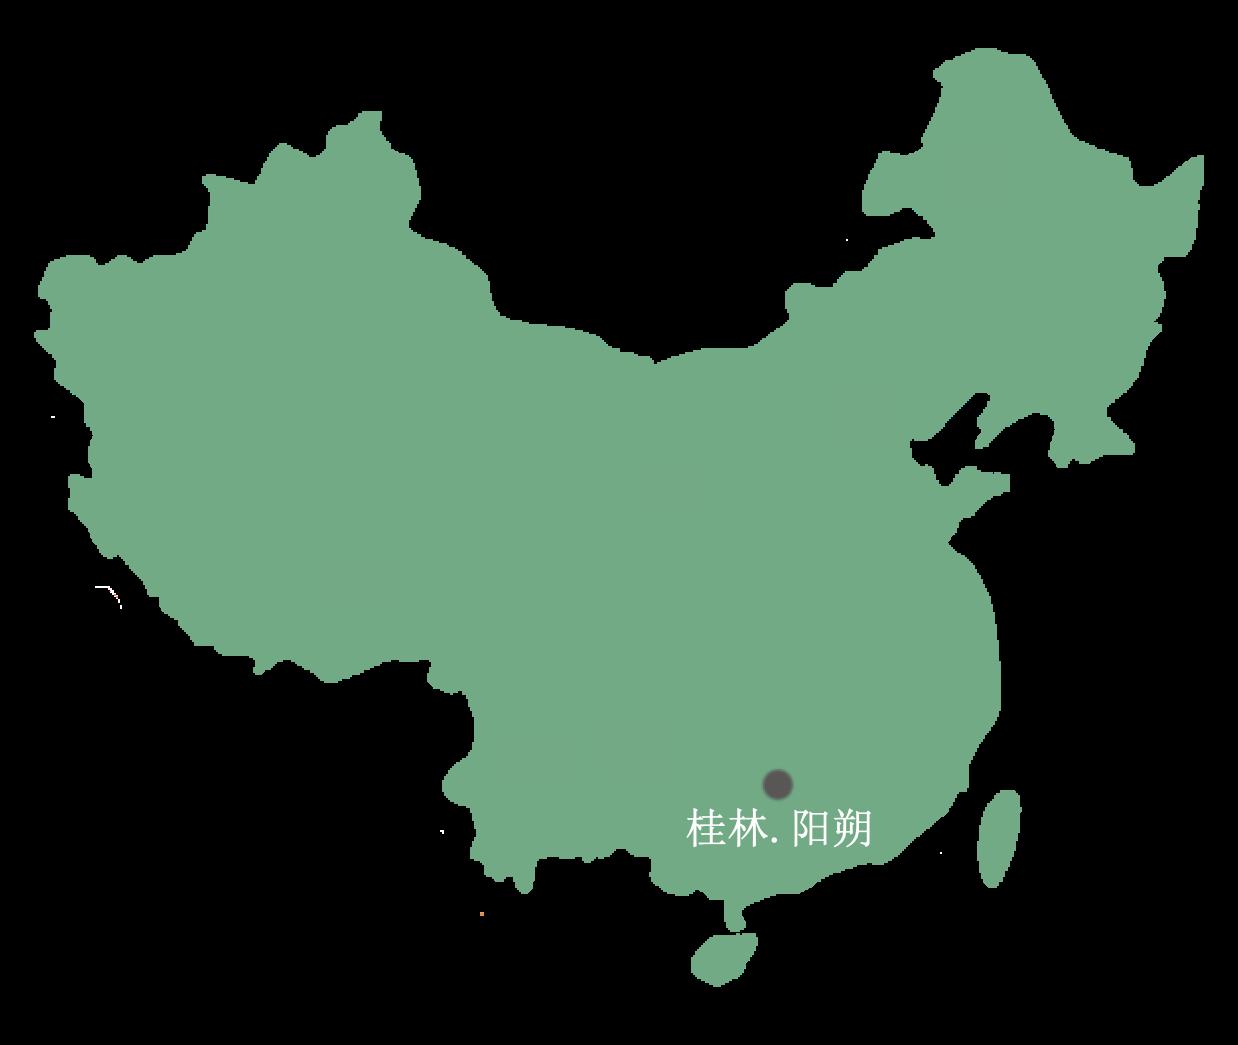 阳朔亲子游地图